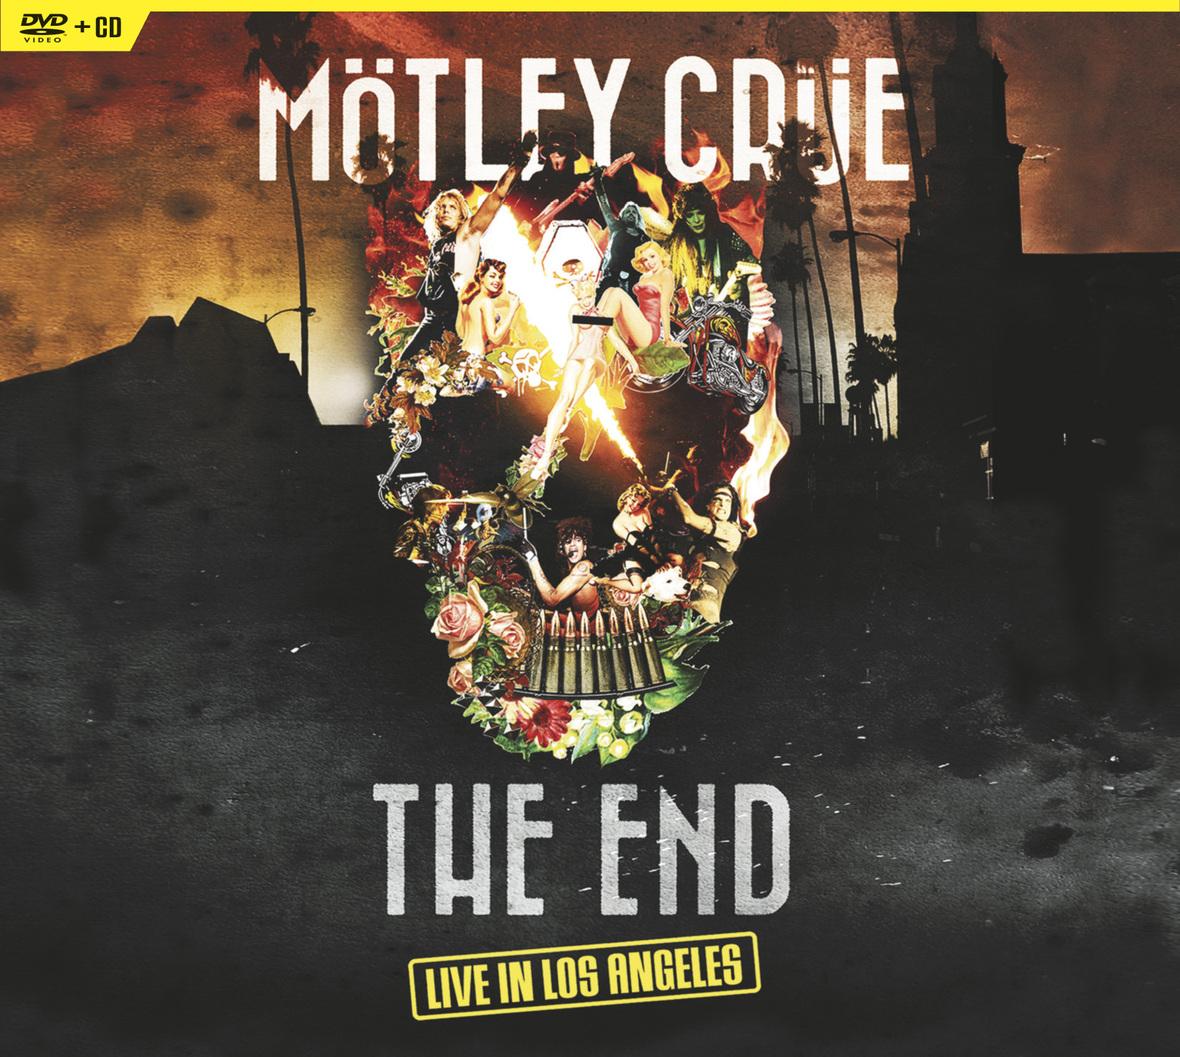 motley-crue-the-end-dvd